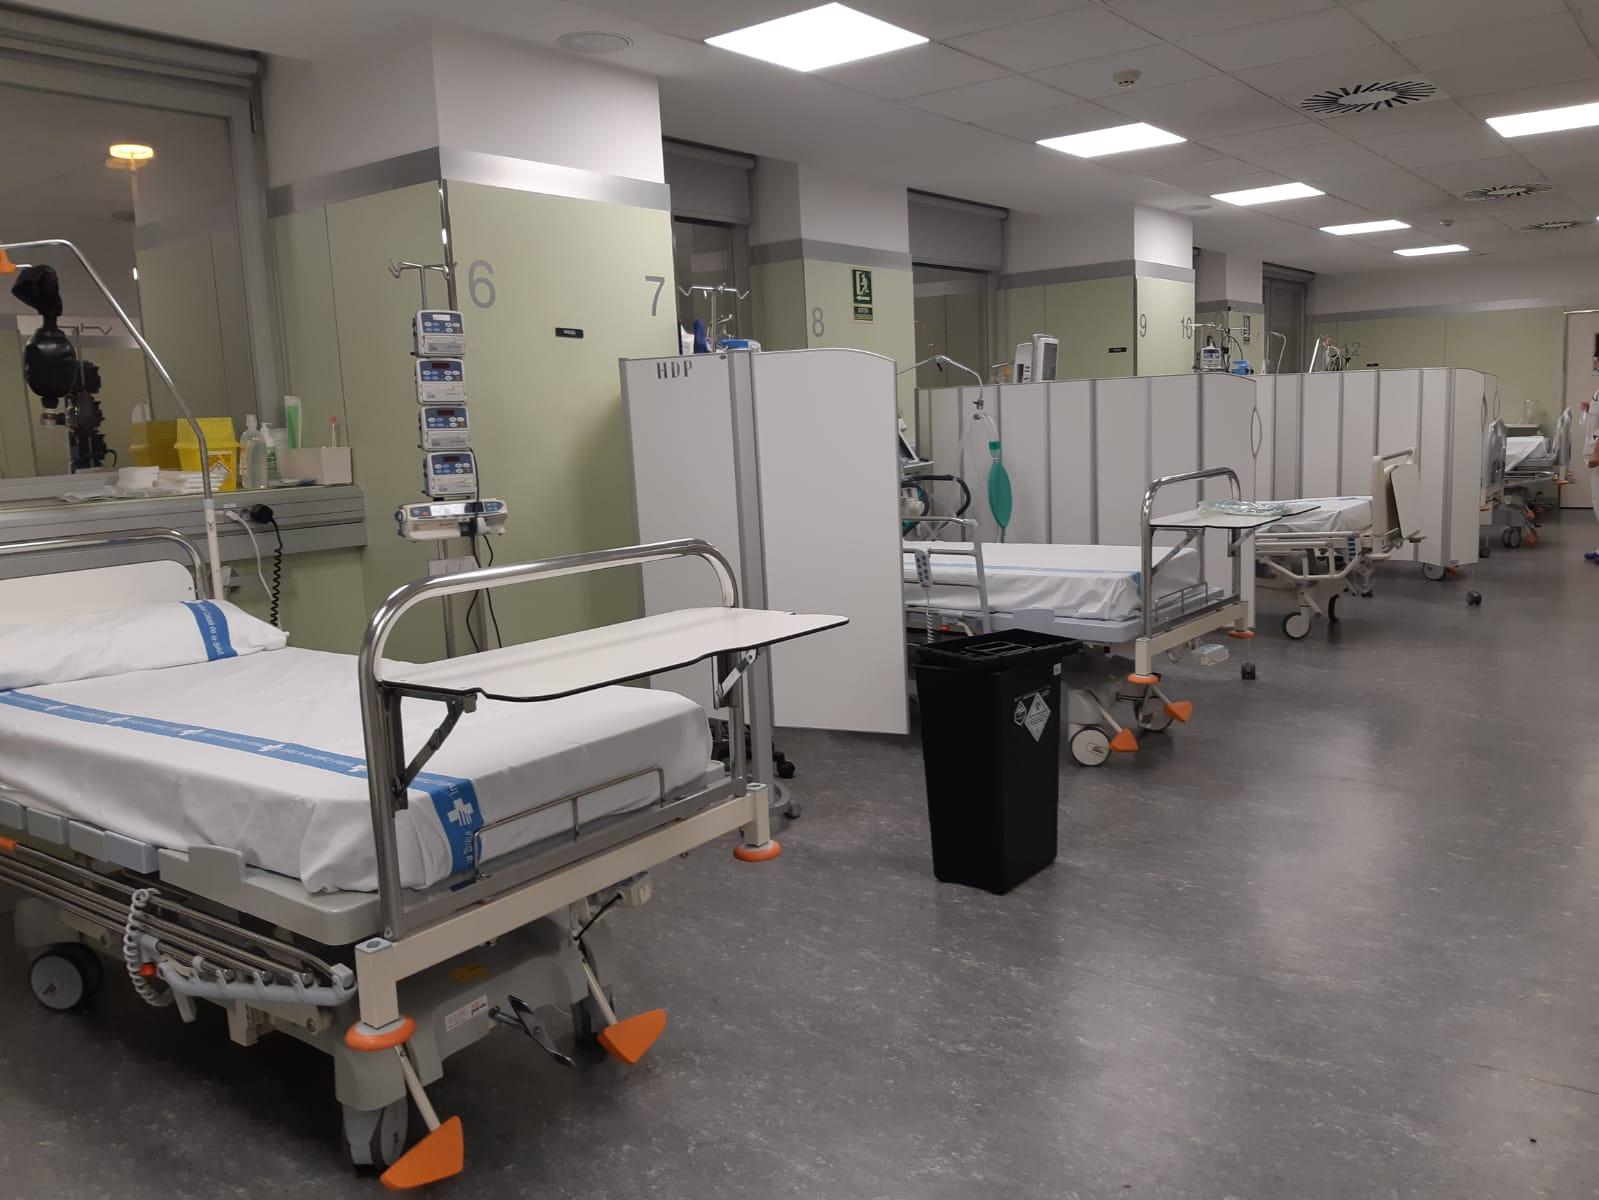 La Regió Sanitària Girona amplia la capacitat de llits per atendre els pacients amb Covid19 en situació crítica